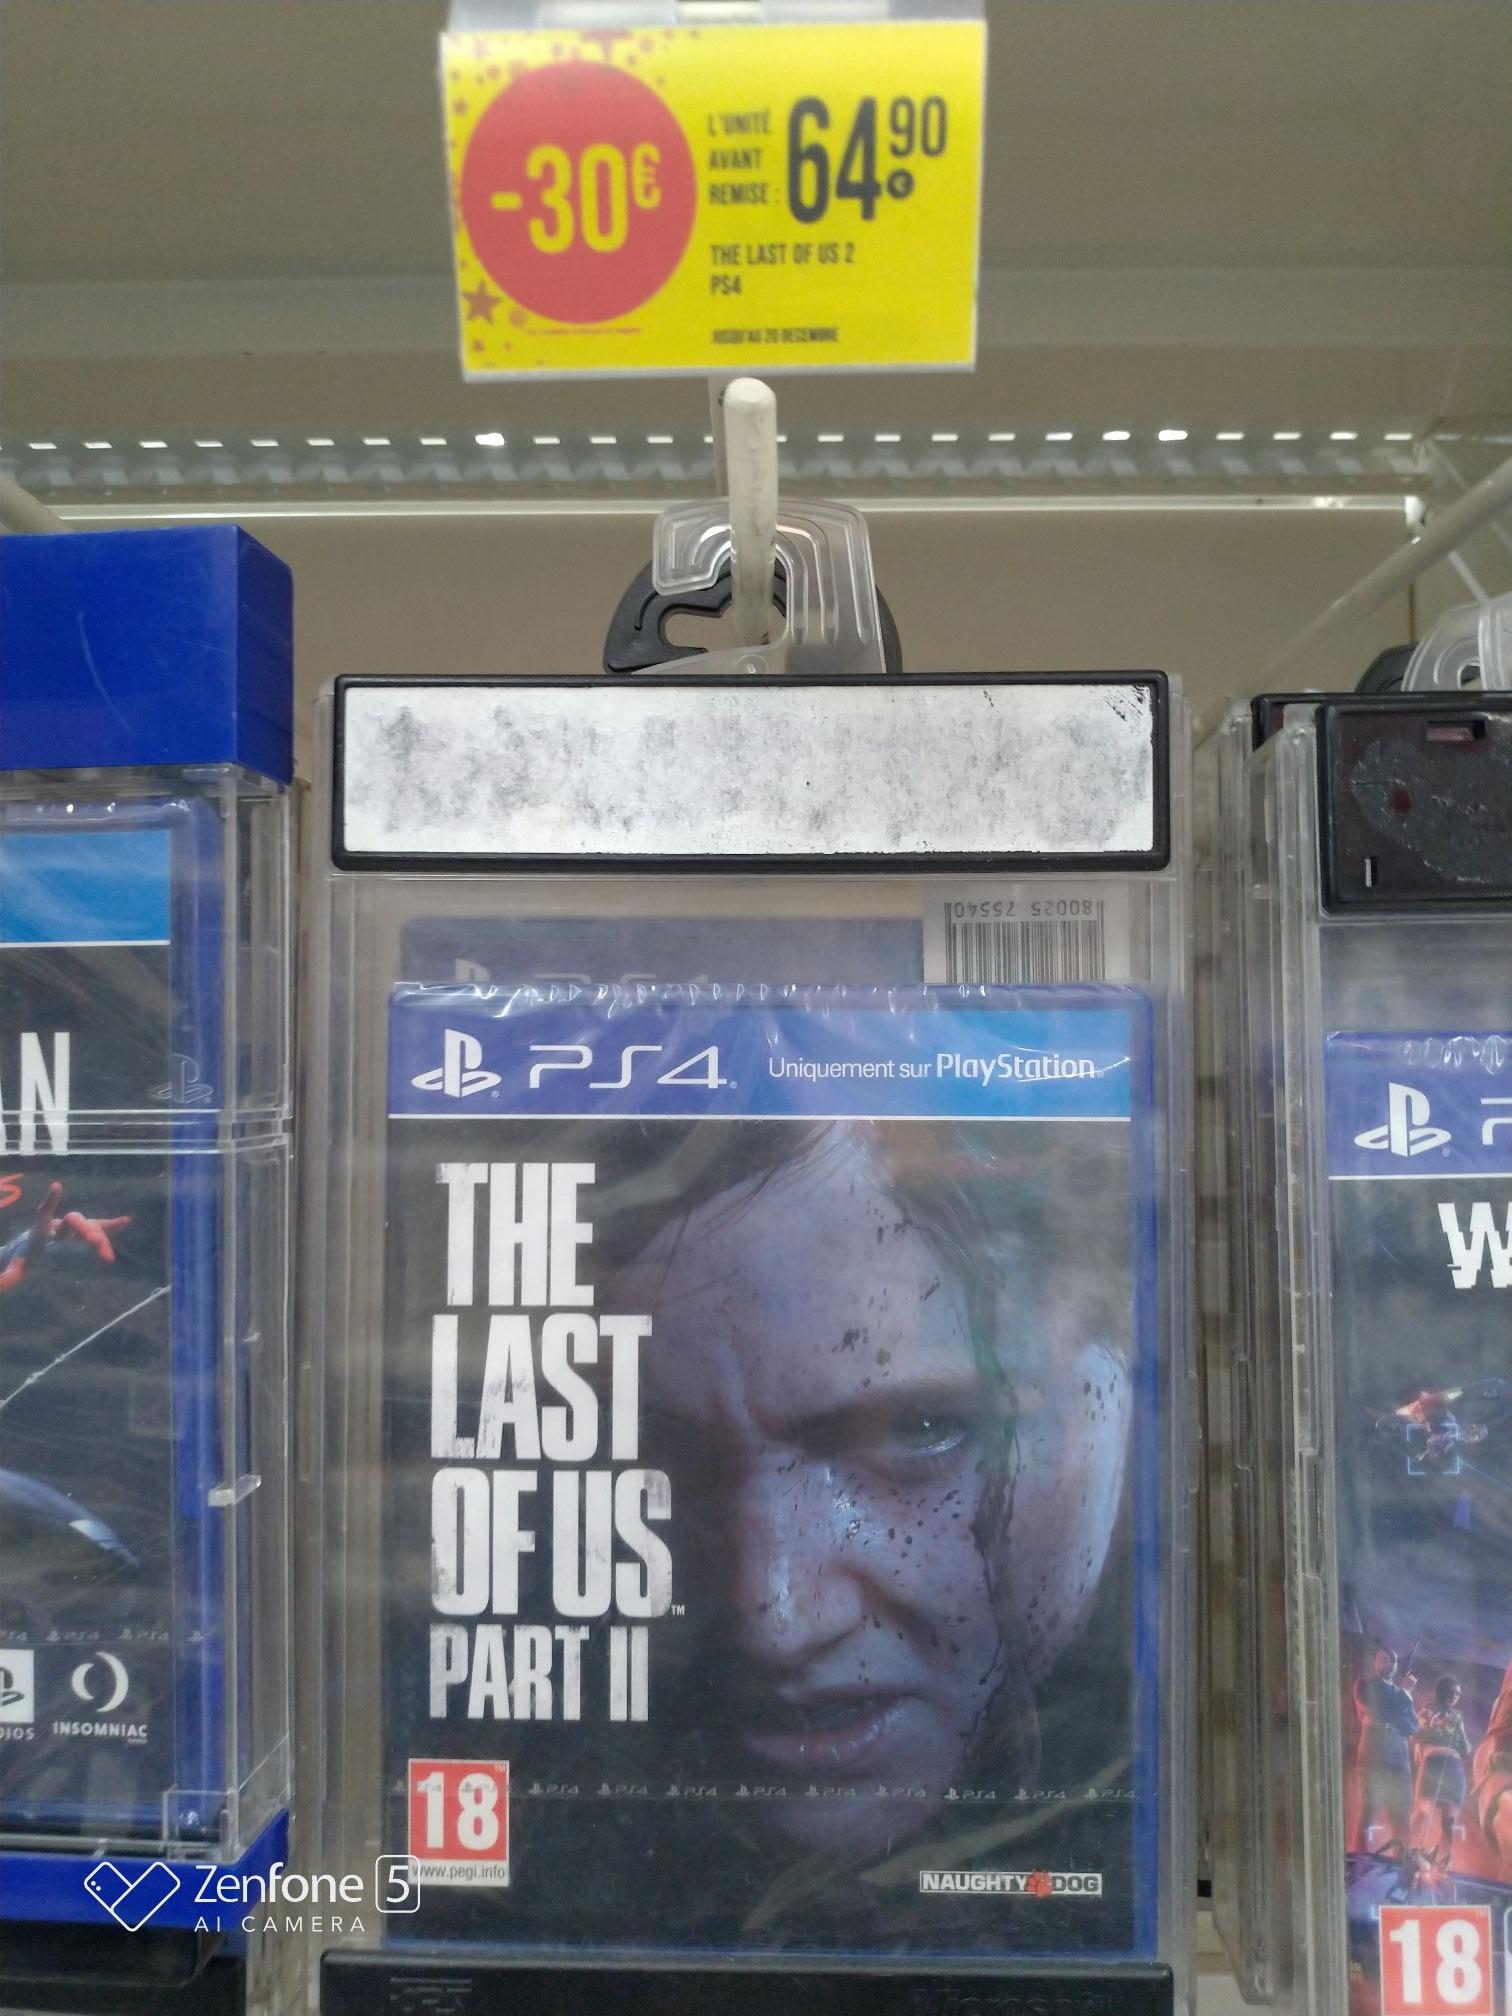 The Last of Us Part 2 sur PS4 - Clermont-Ferrand (63)